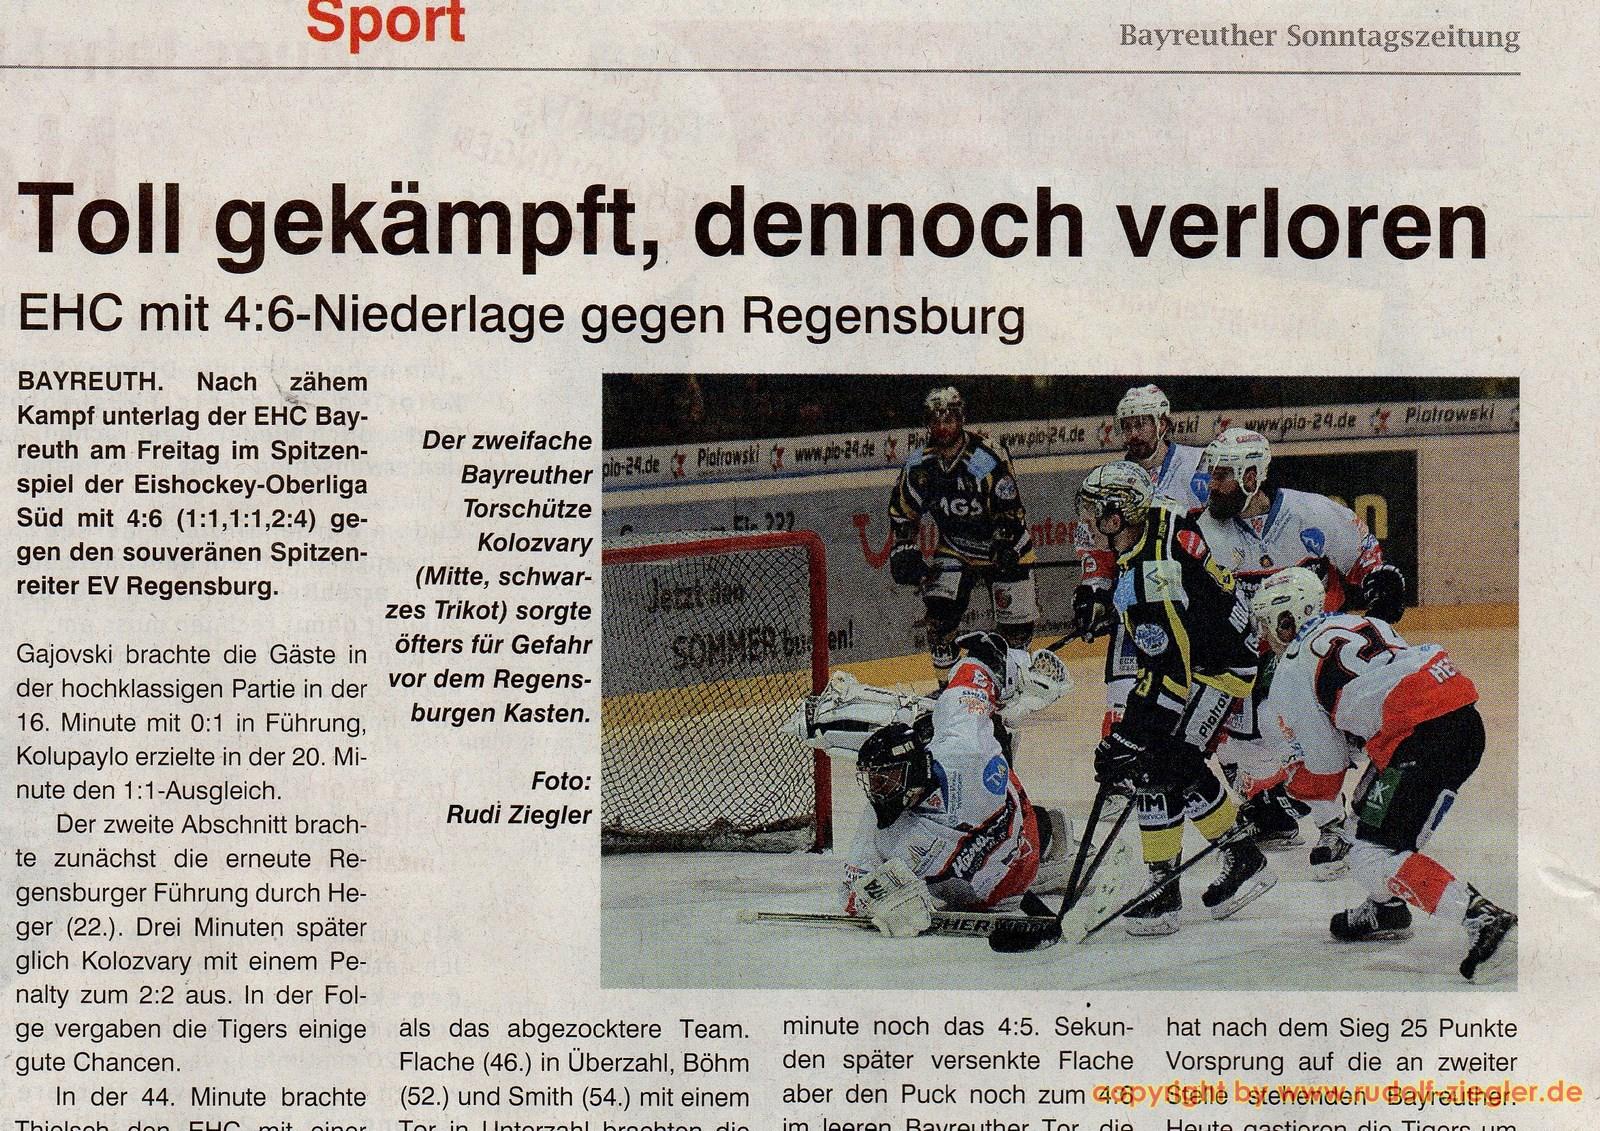 Bayreuther Sonntagszeitung 2016-01-10-A - 1600x1200